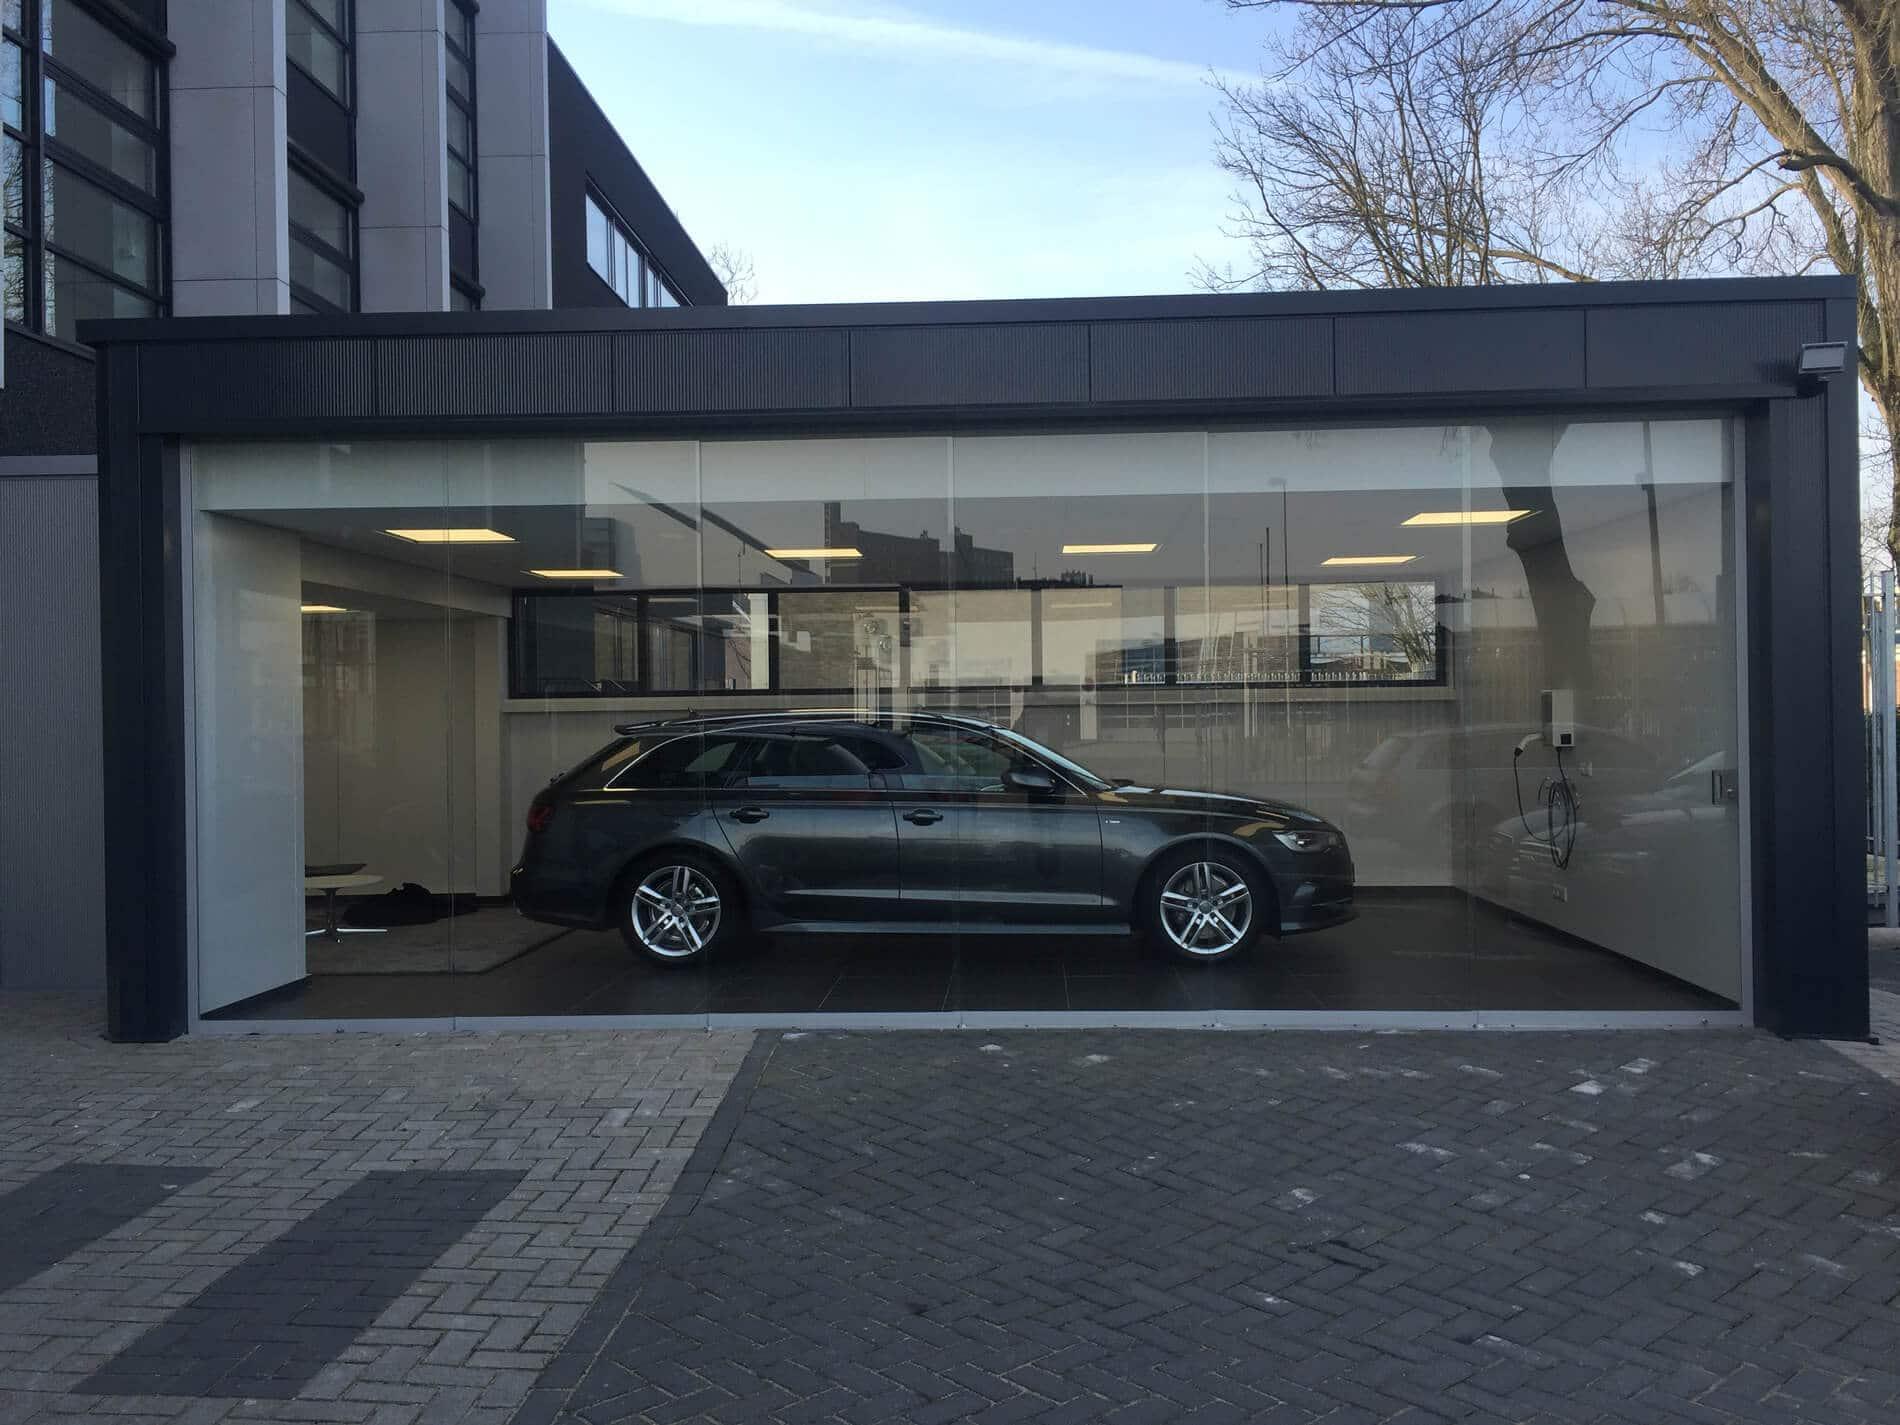 Autogarage mit Glasschiebetüren schließen